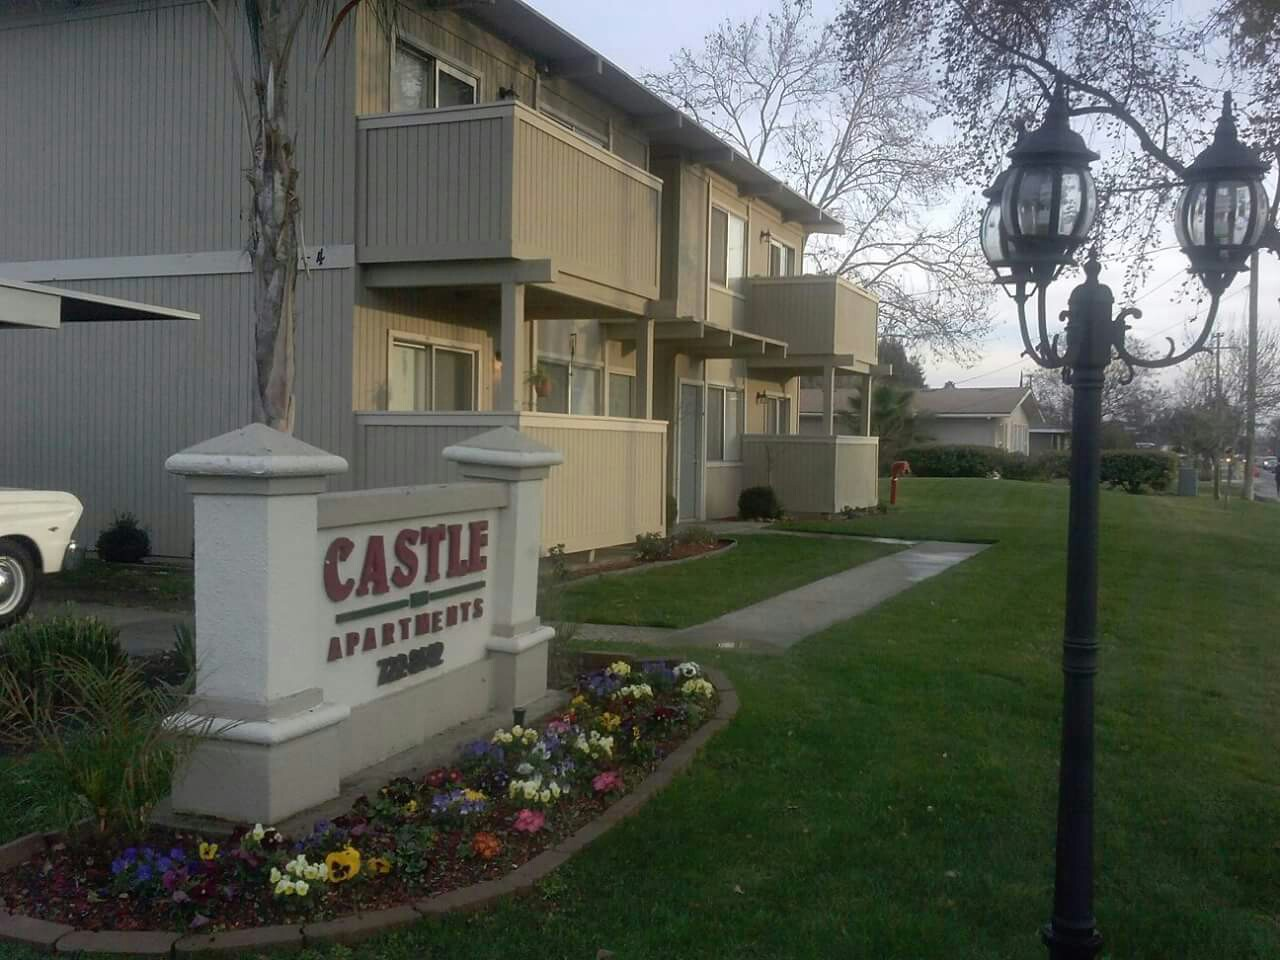 Castle Apartments